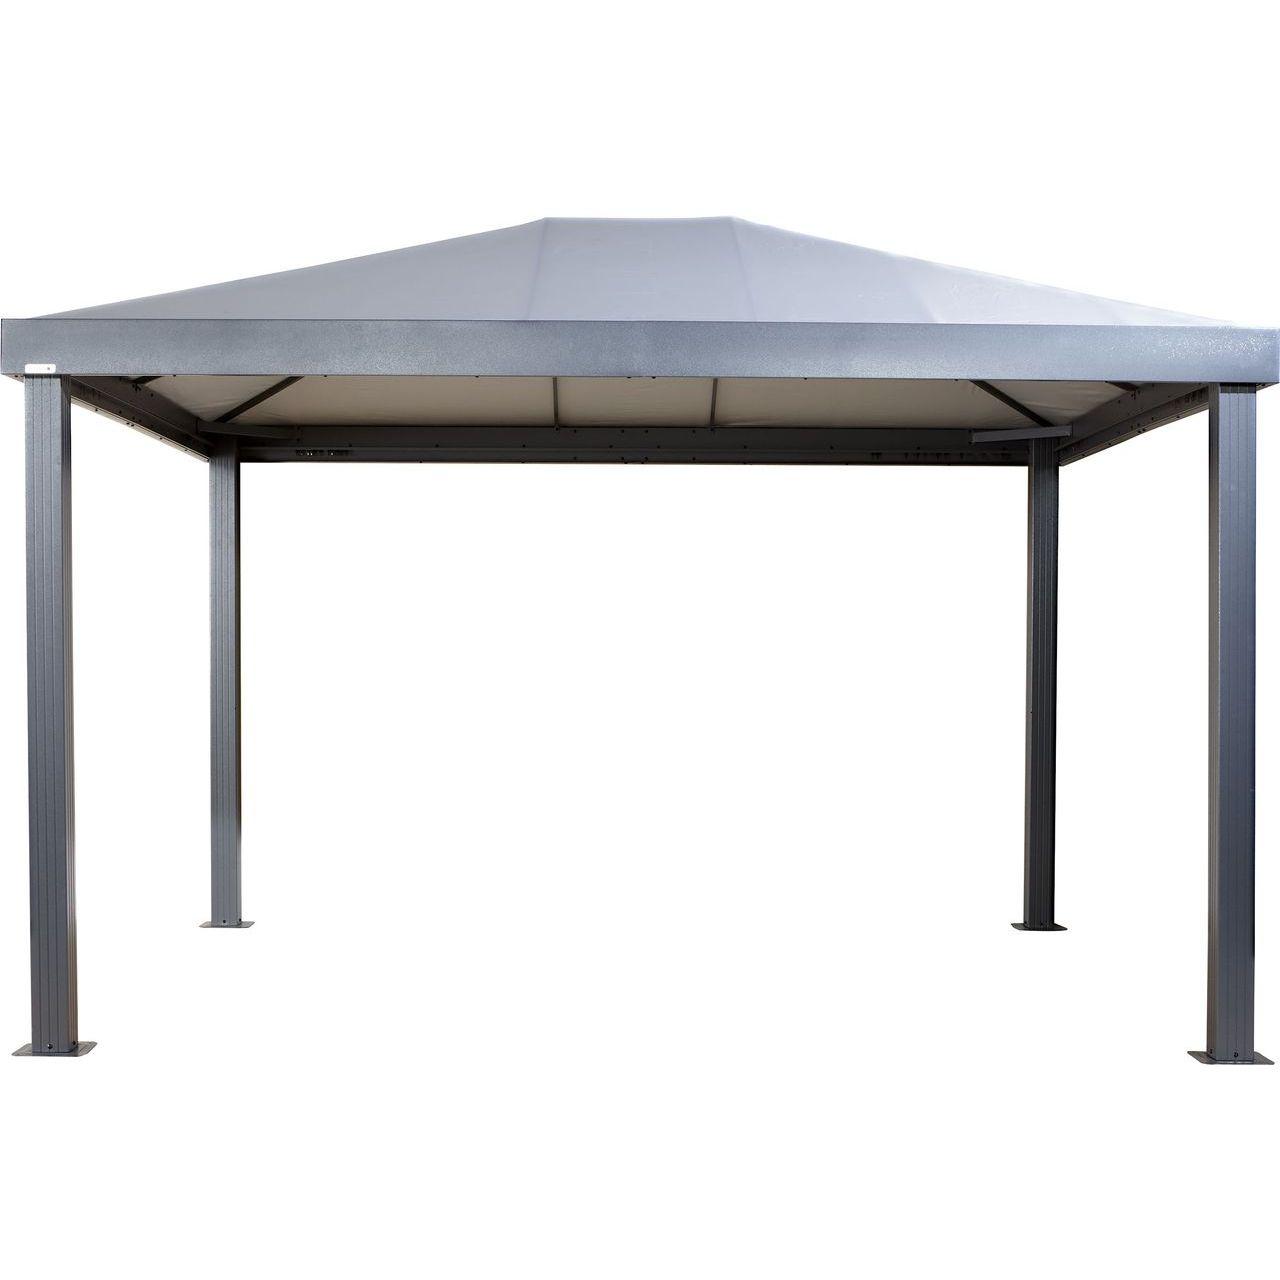 ShelterLogic 500-9166842 Sojag Monteserra Gazebo in Grey - 10x12 ft